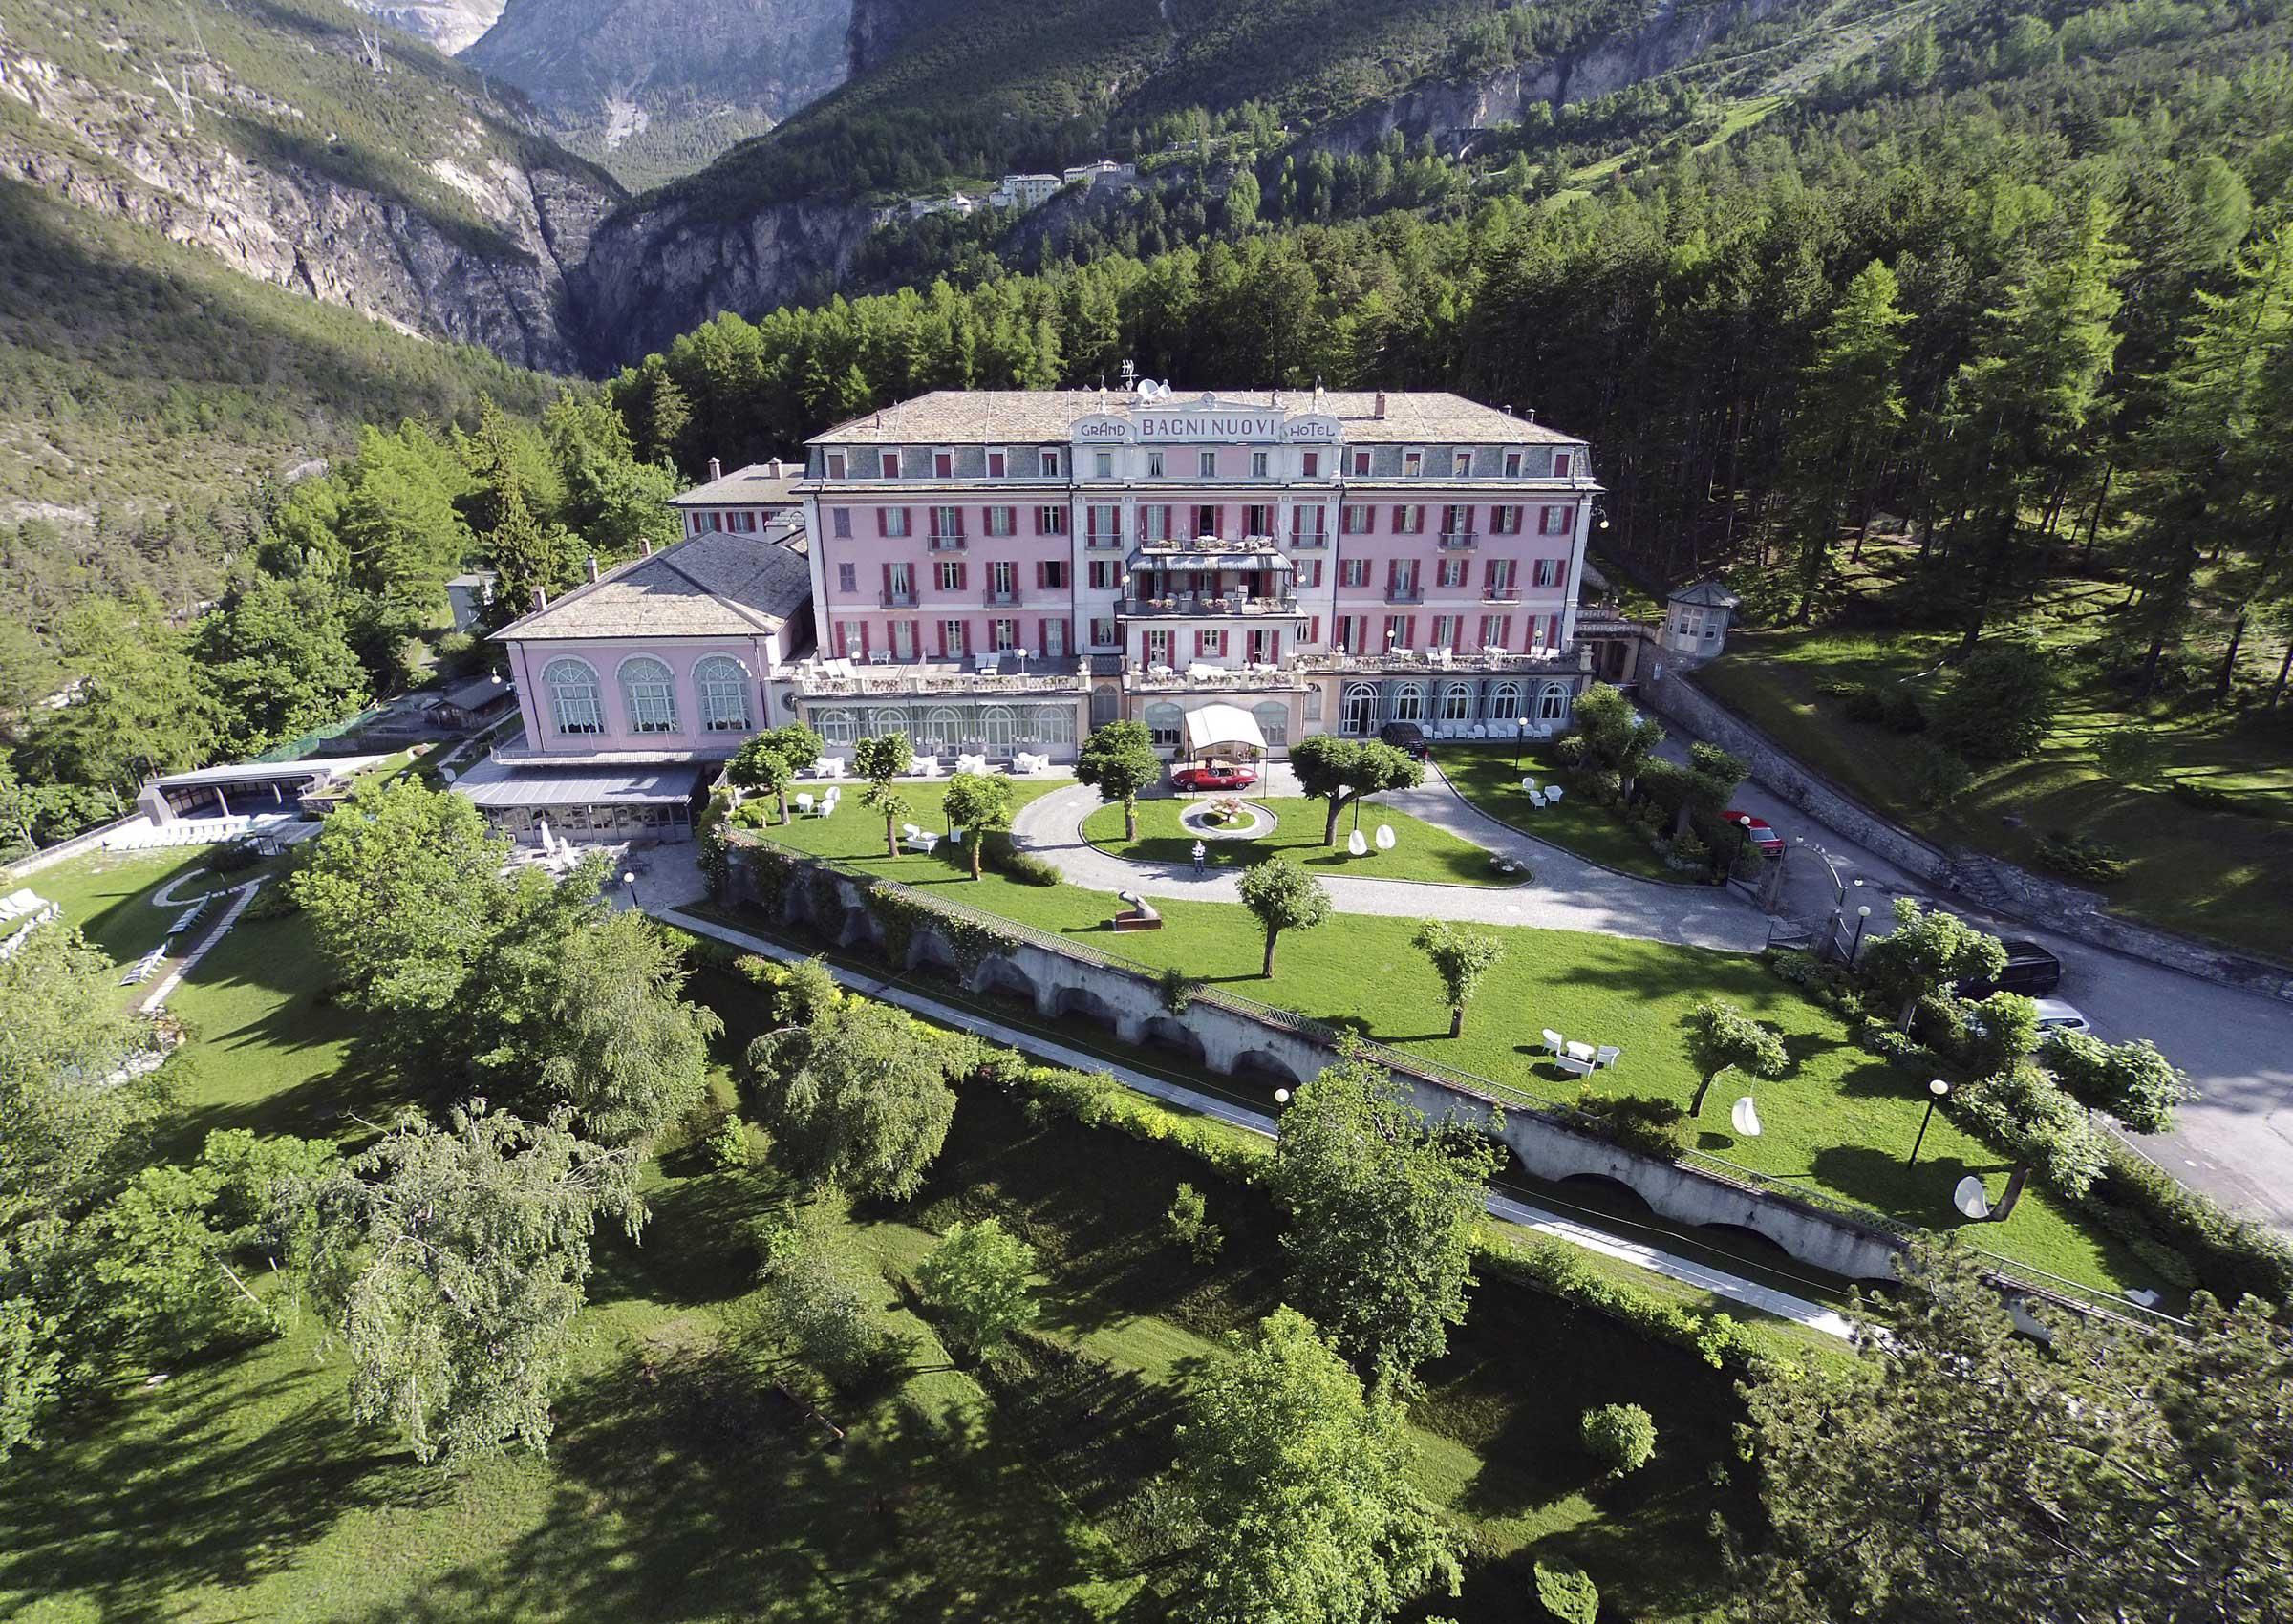 Grand Hotel Bormio Bagni Nuovi